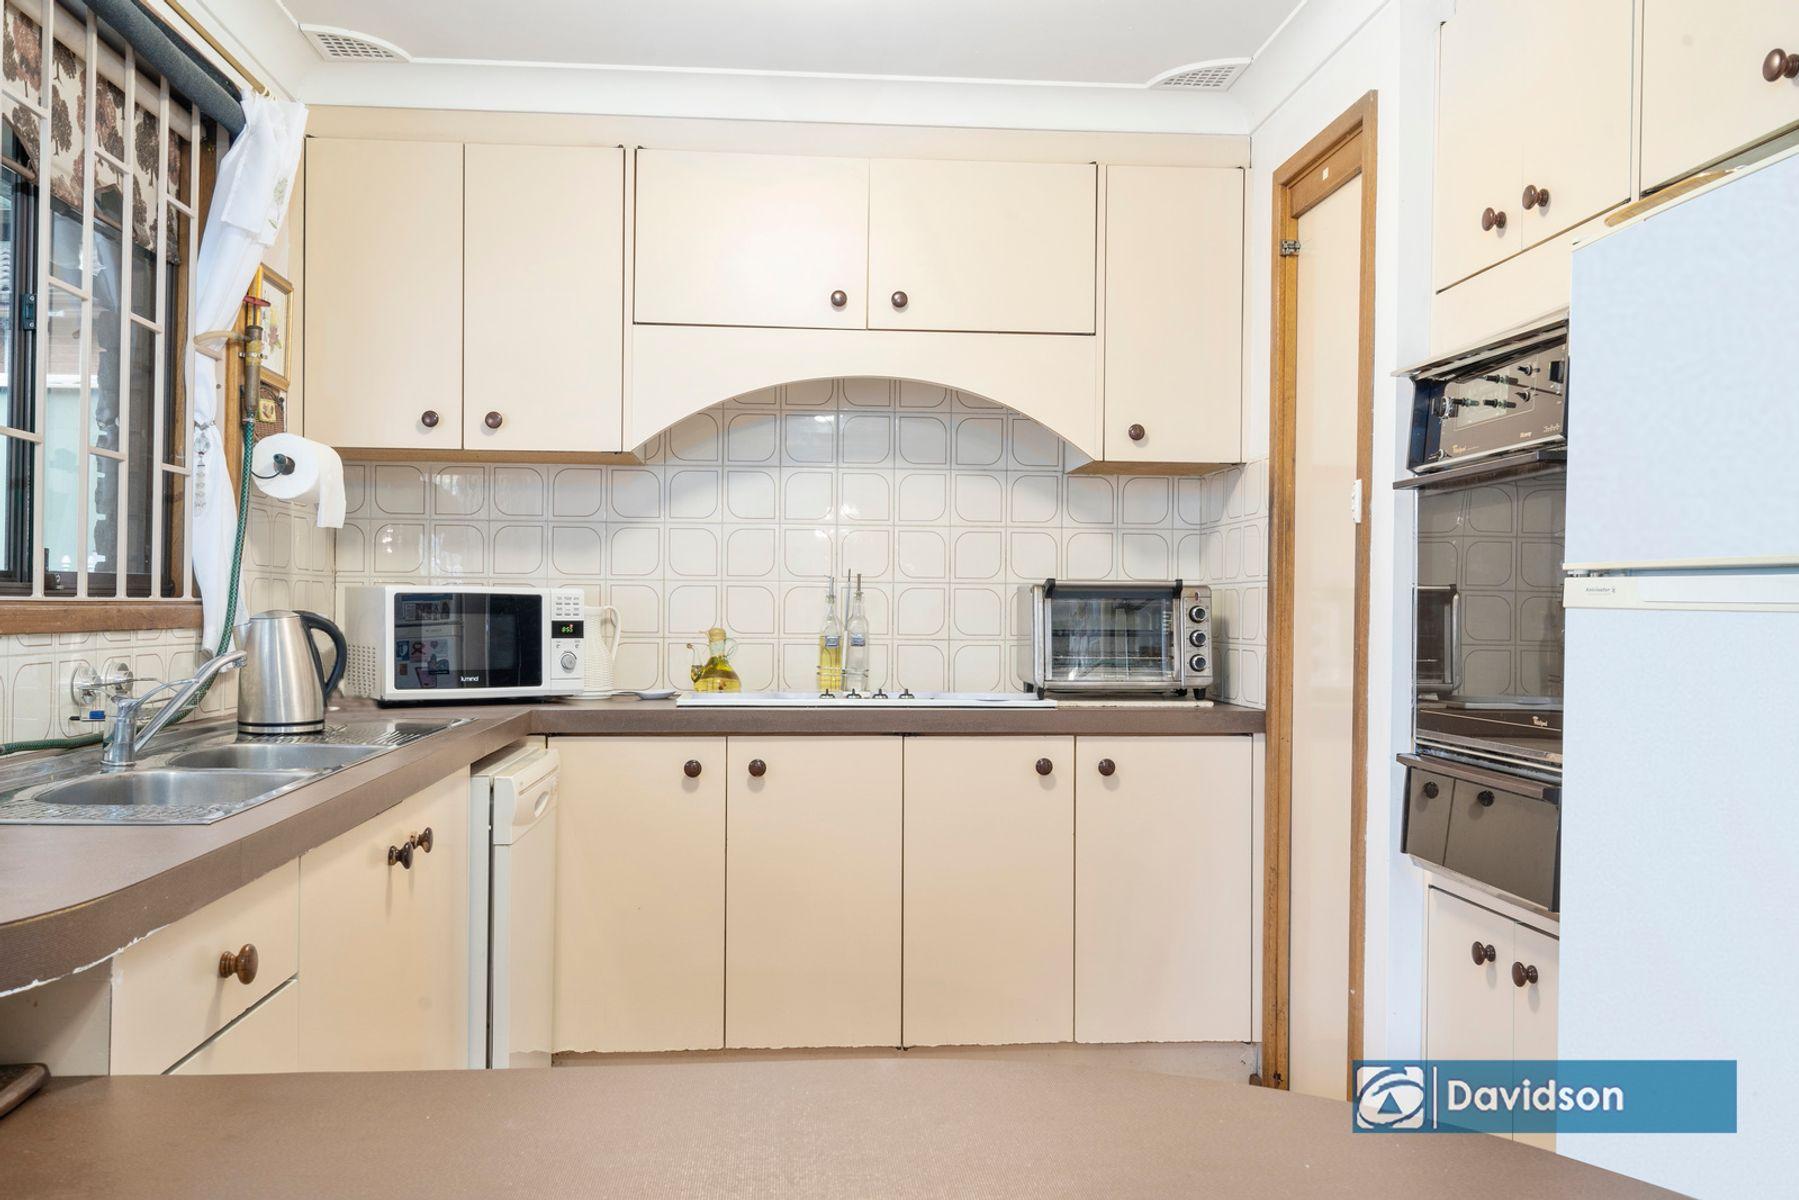 67 Norman Ave, Hammondville, NSW 2170